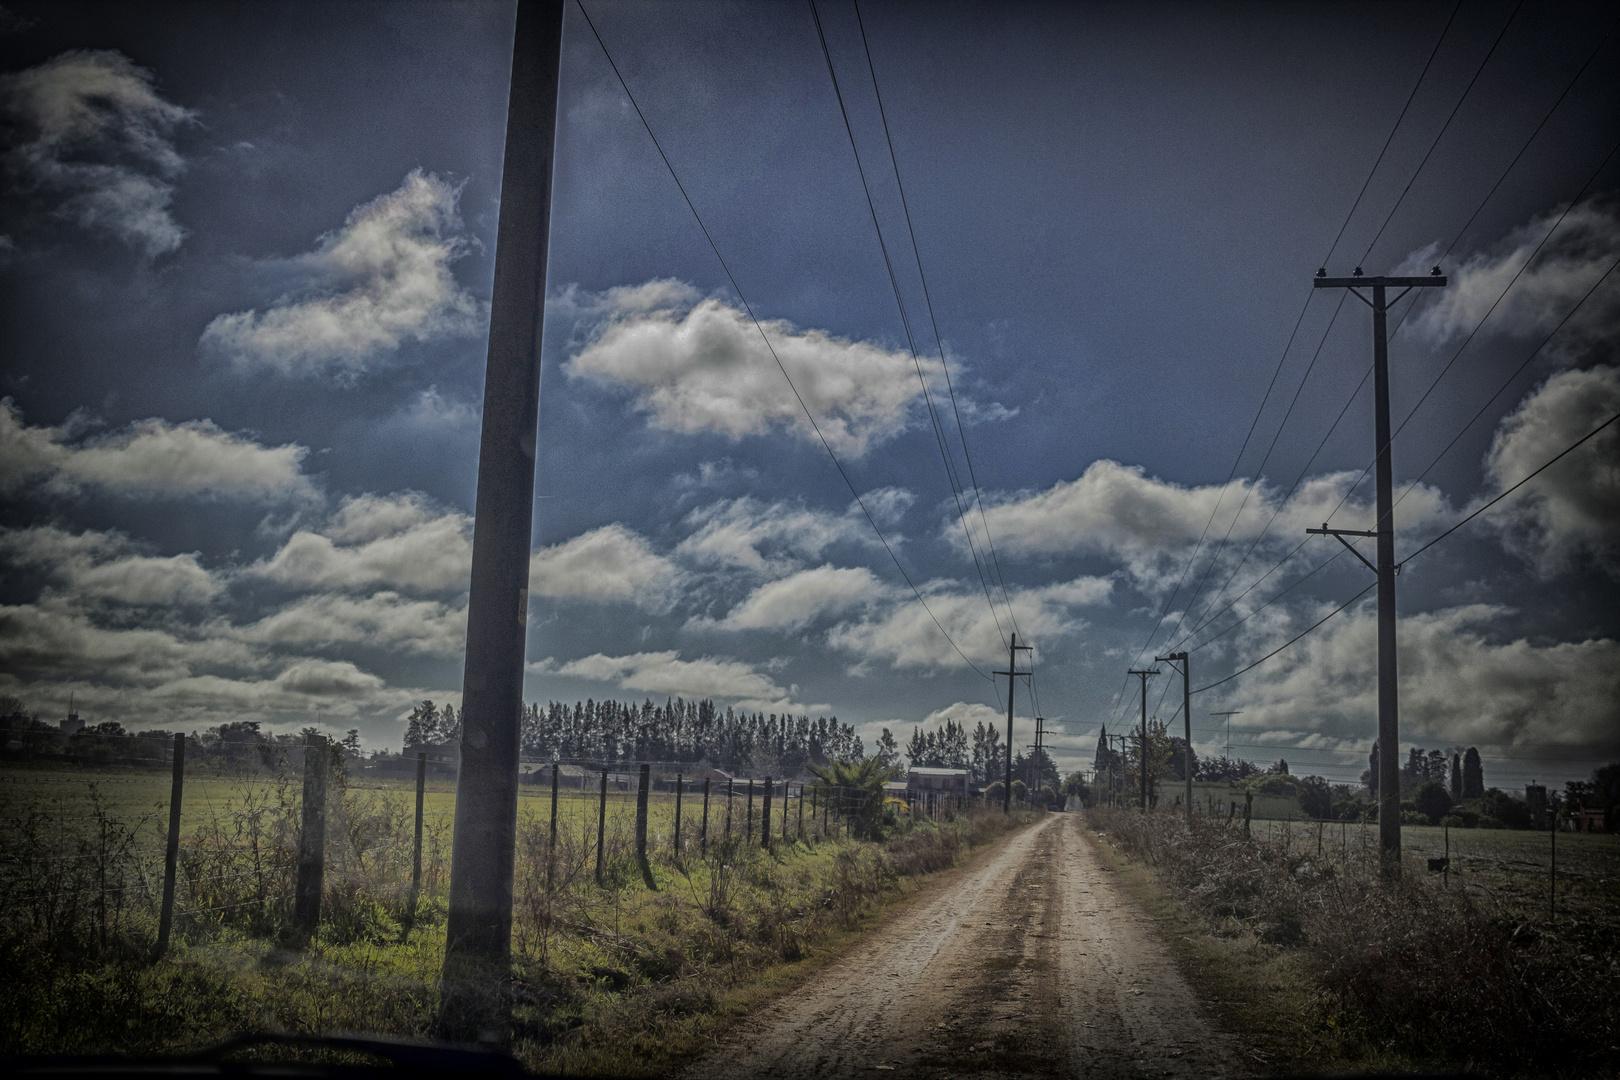 El camino de tierra